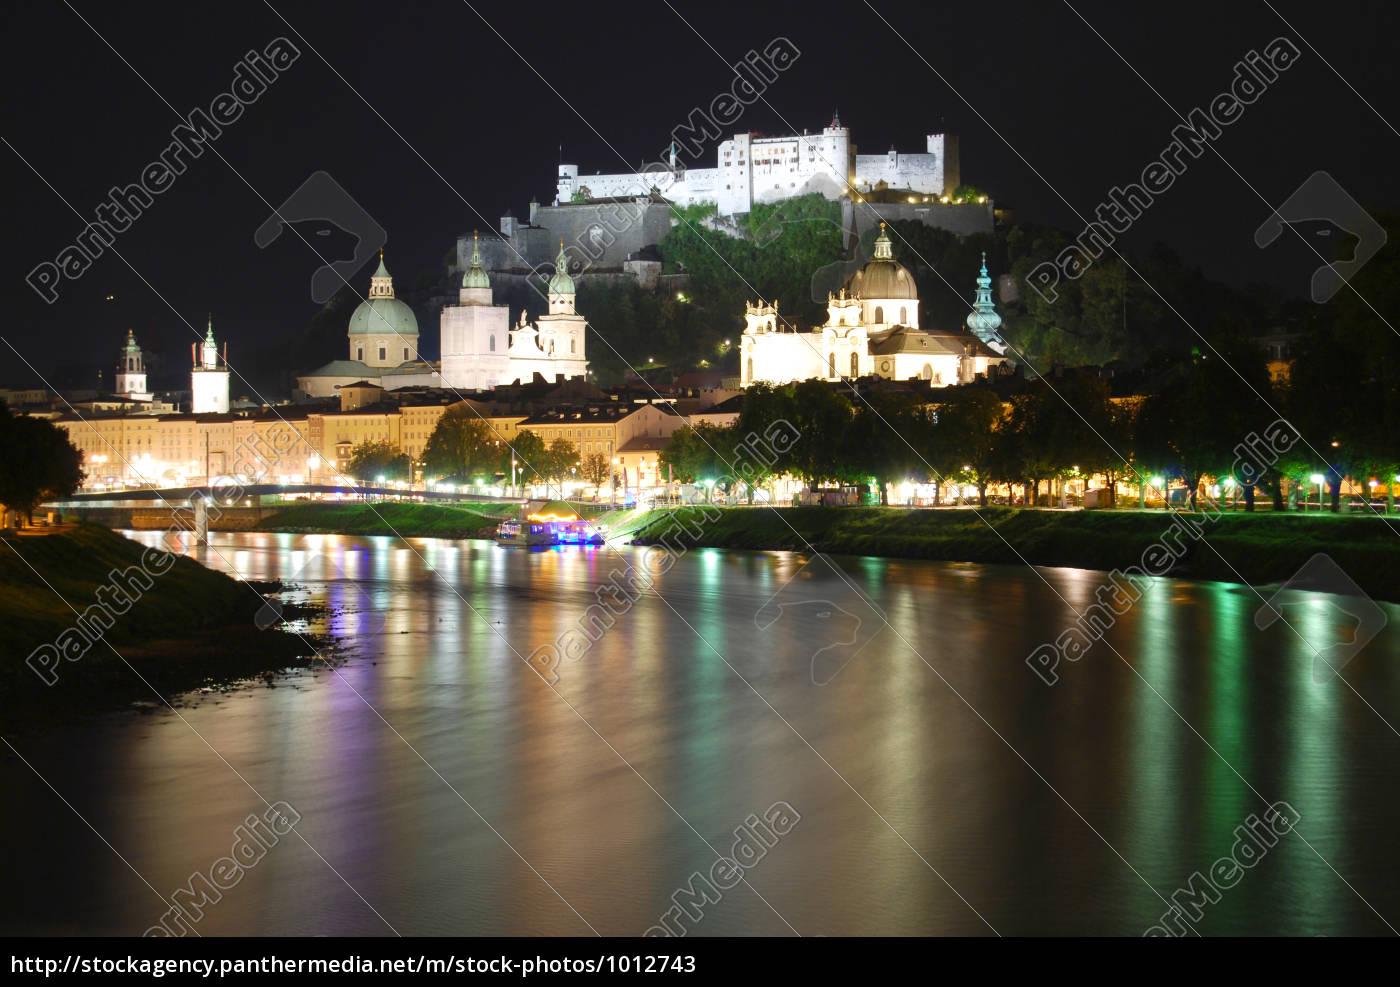 salzburg, at, night - 1012743